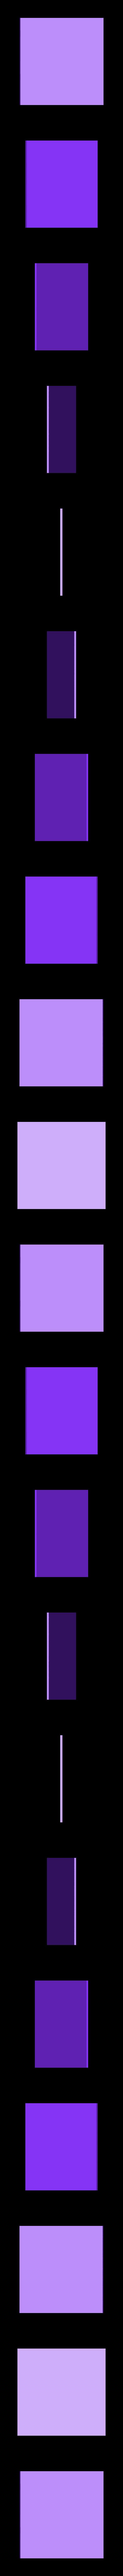 tp_a_85p9_sq1.stl Télécharger fichier STL gratuit Ripper's London - Les égouts • Design pour imprimante 3D, Earsling